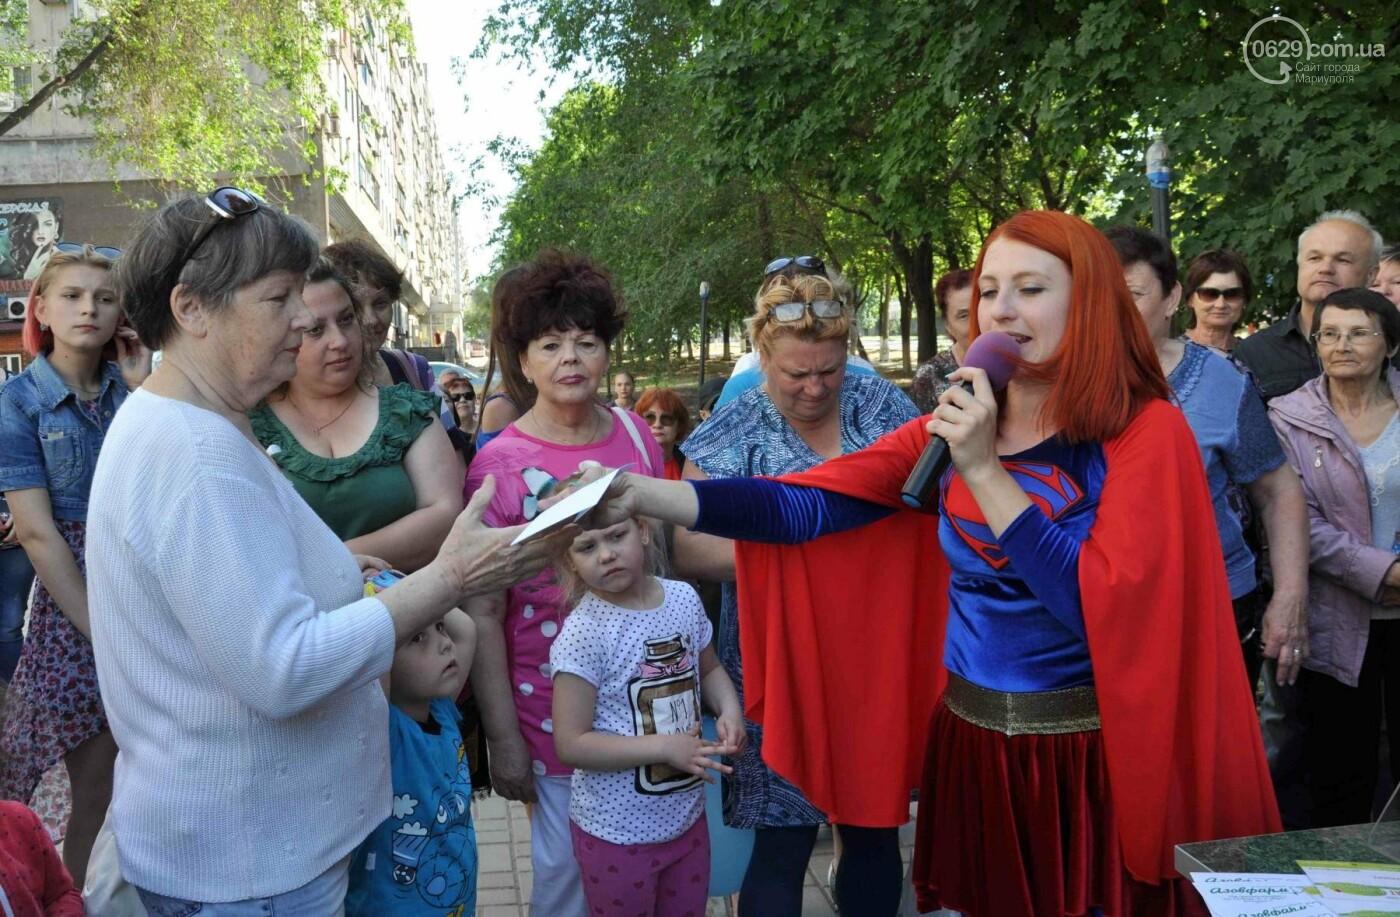 В аптеке «Азовфарм» провели праздник для детей и разыграли призы, фото-30